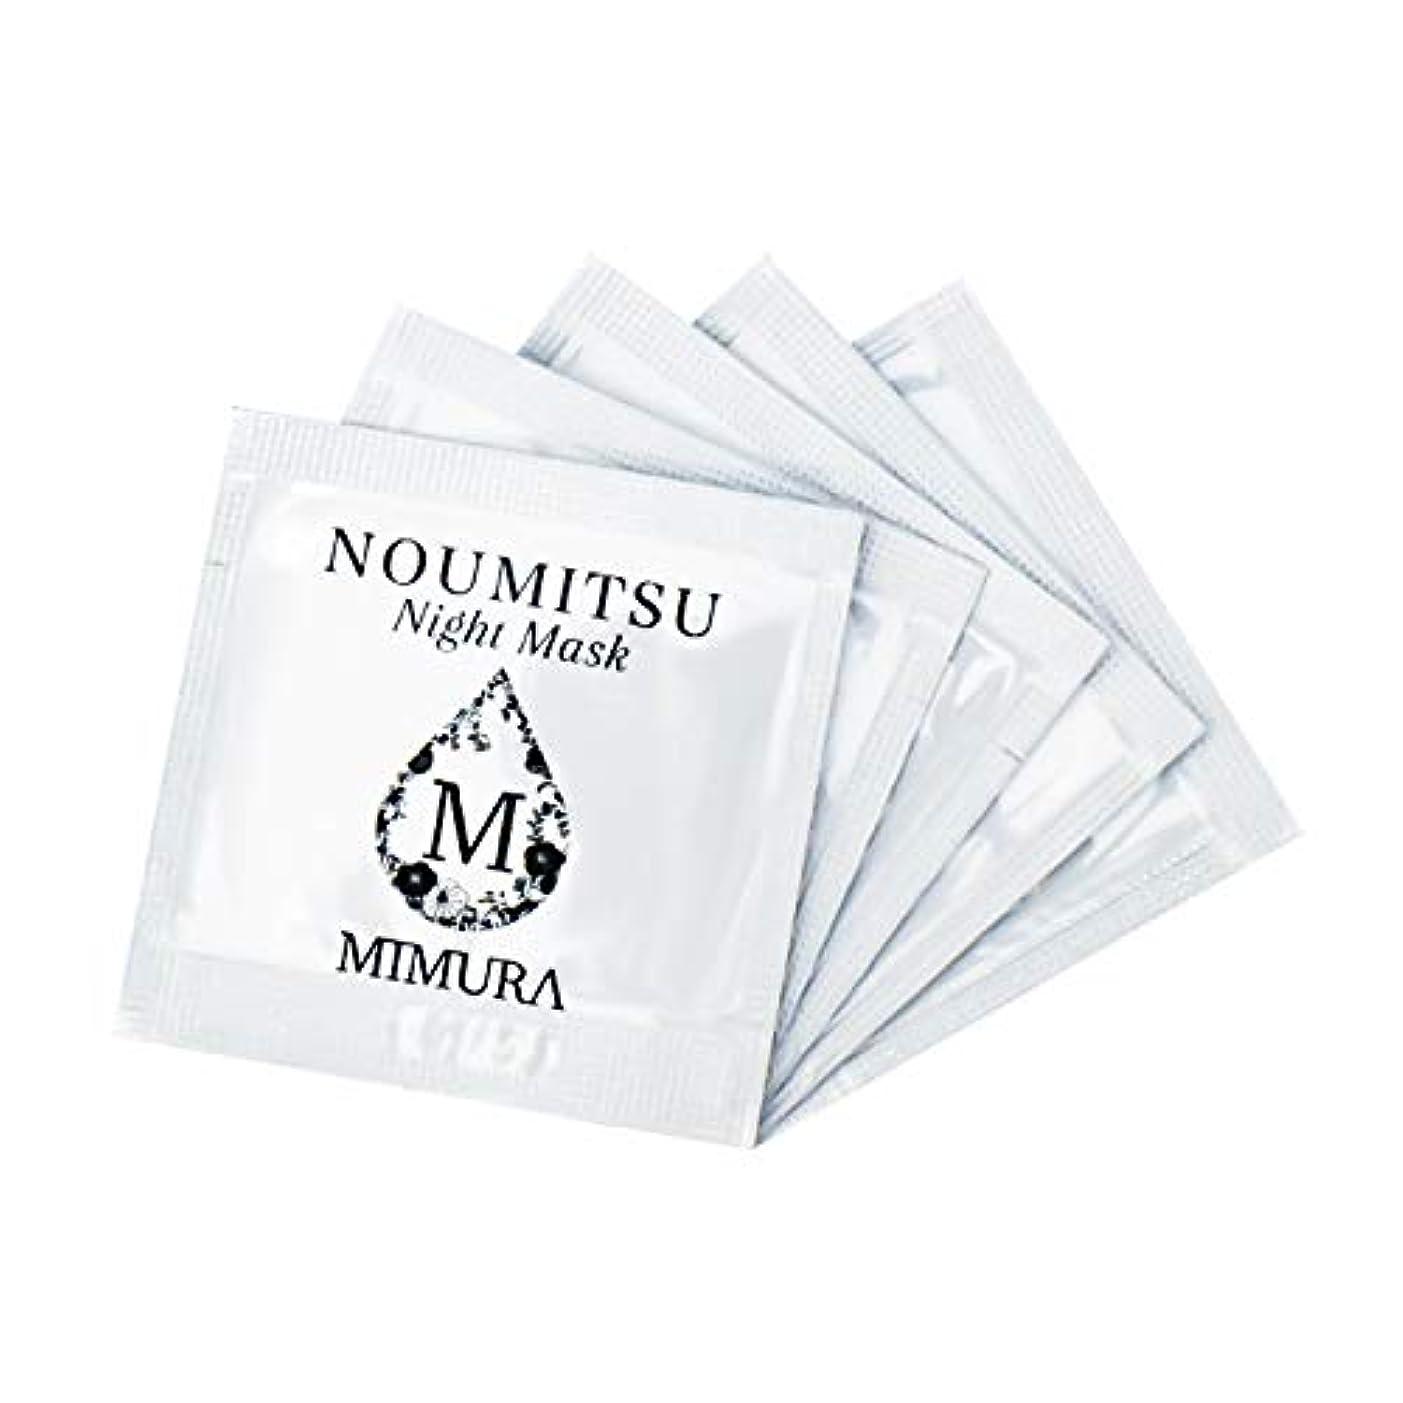 ナイトケアクリーム 保湿 顔 用 ミムラ ナイトマスク NOUMITSU 試供品 5個入り ゆうパケット (ポスト投函)での発送となります。 MIMURA 乾燥肌 日本製 ※おひとり様1点、1回限りとなります。